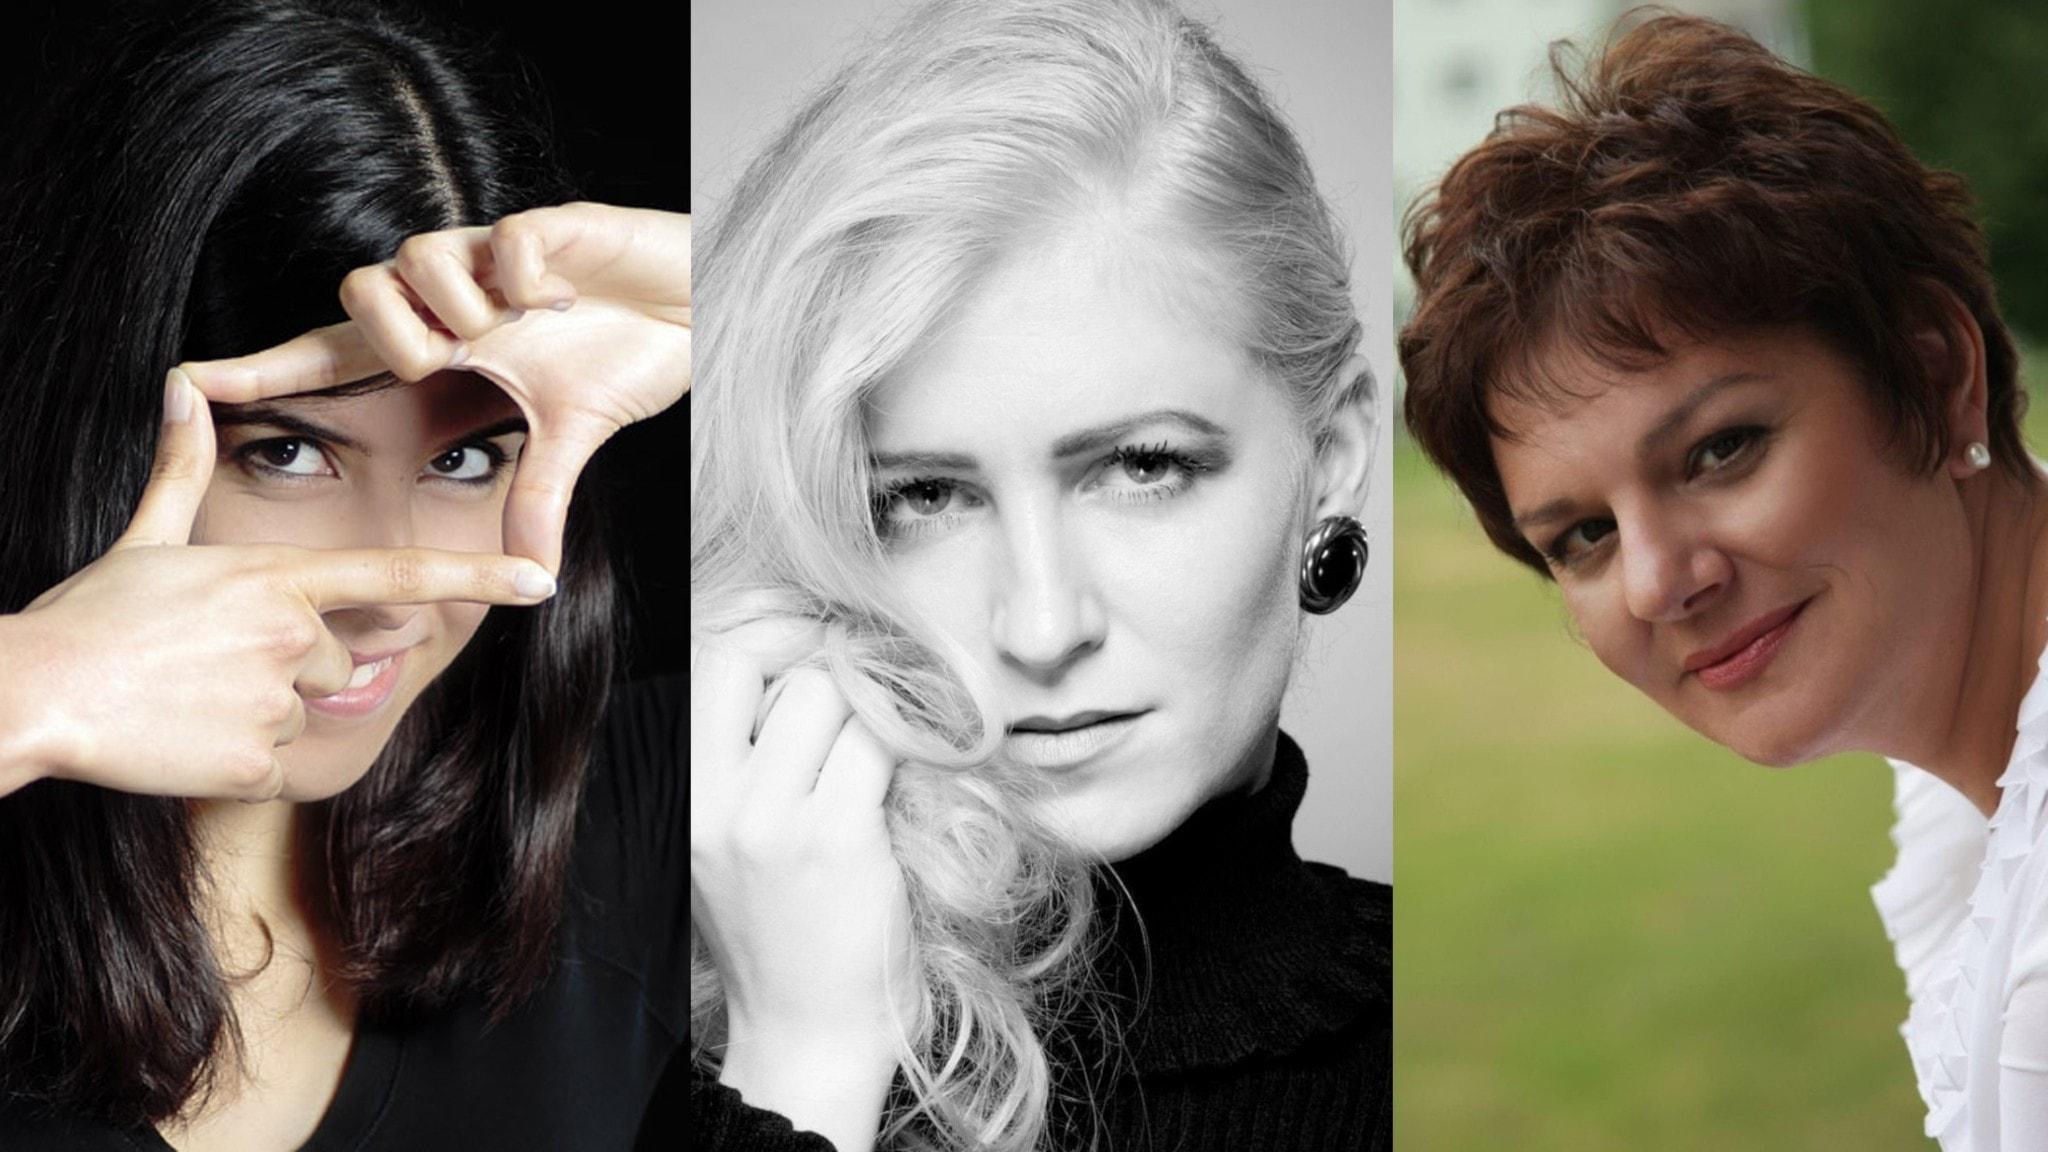 Bild: Tonsättarna Inés Badalo, Sona Vetchá och Galina Grigorjeva.